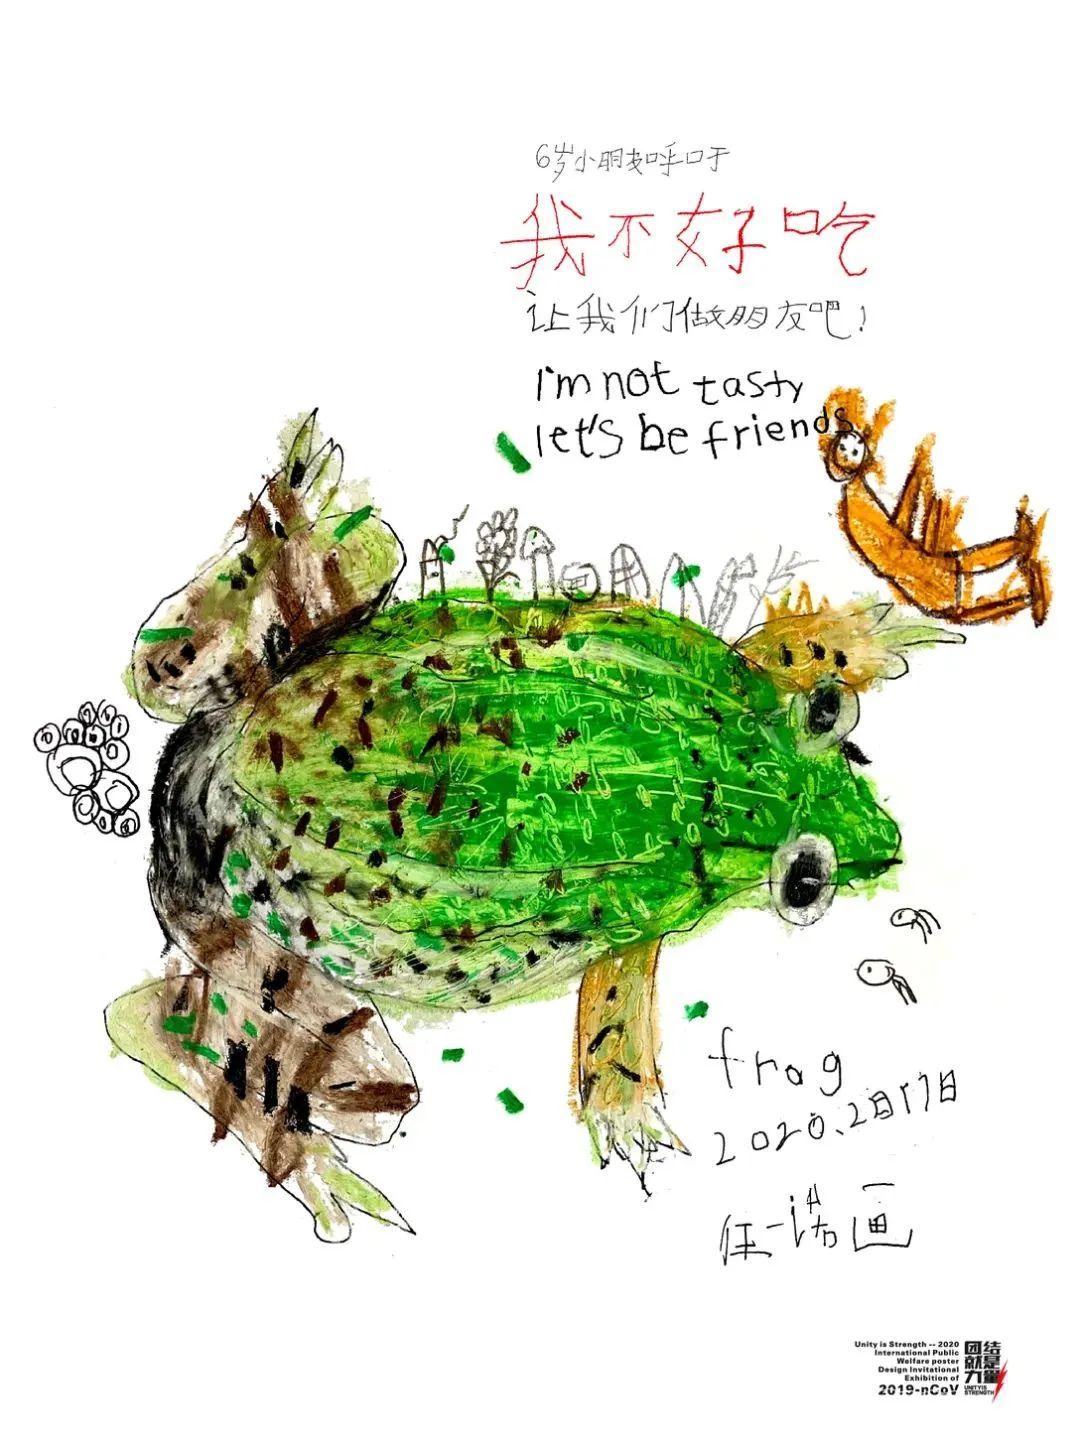 6岁蒙古族小设计师用插画拯救野生动物,为抗疫助力! 第44张